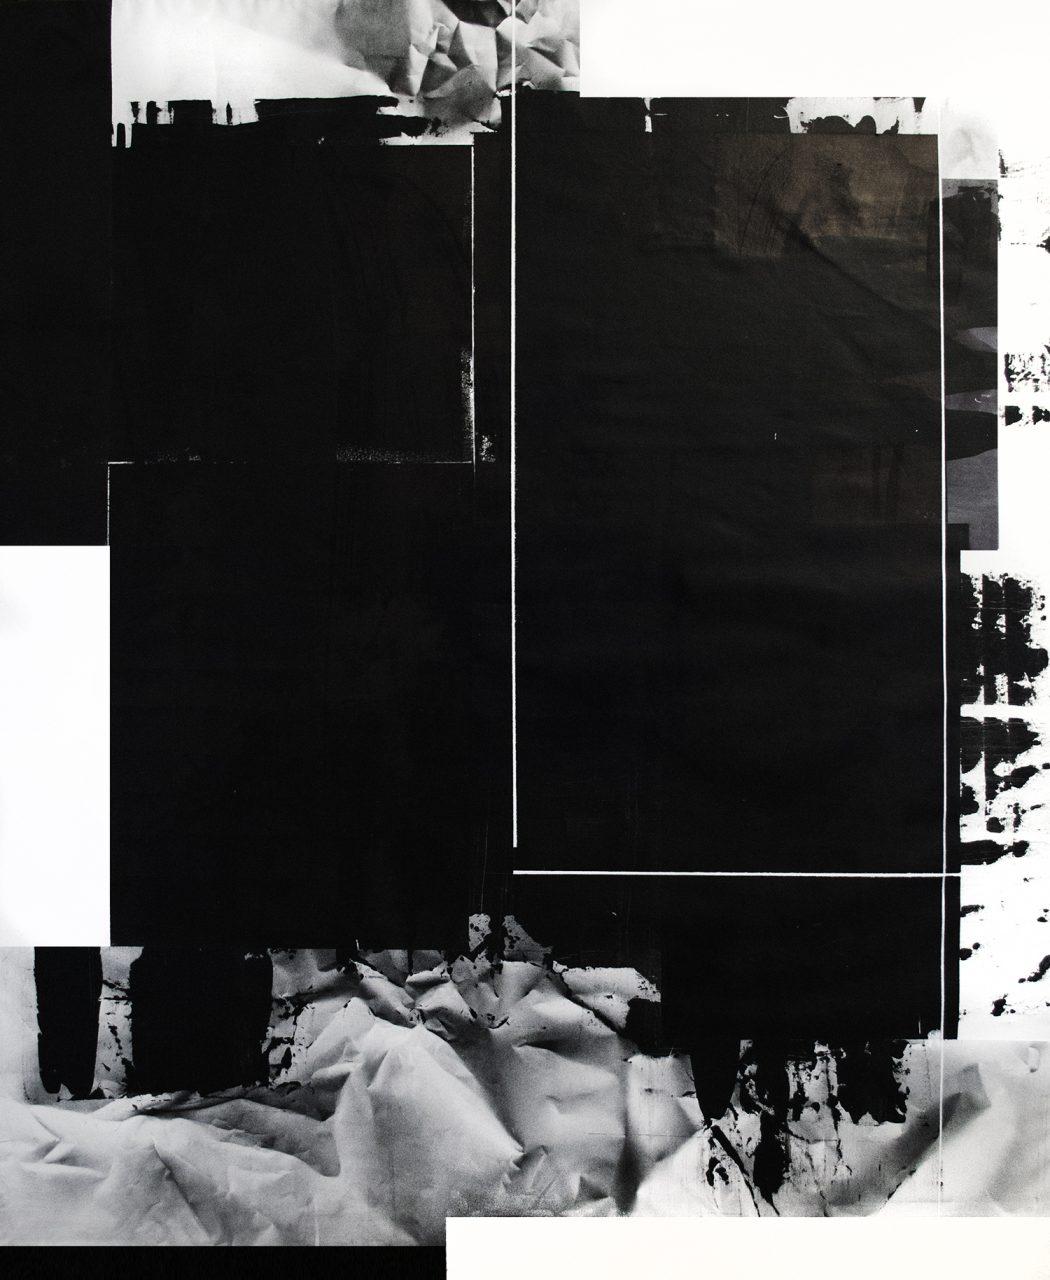 op100218. acrylic on canvas, 160x130cm | Gyula Sagi | available artwork